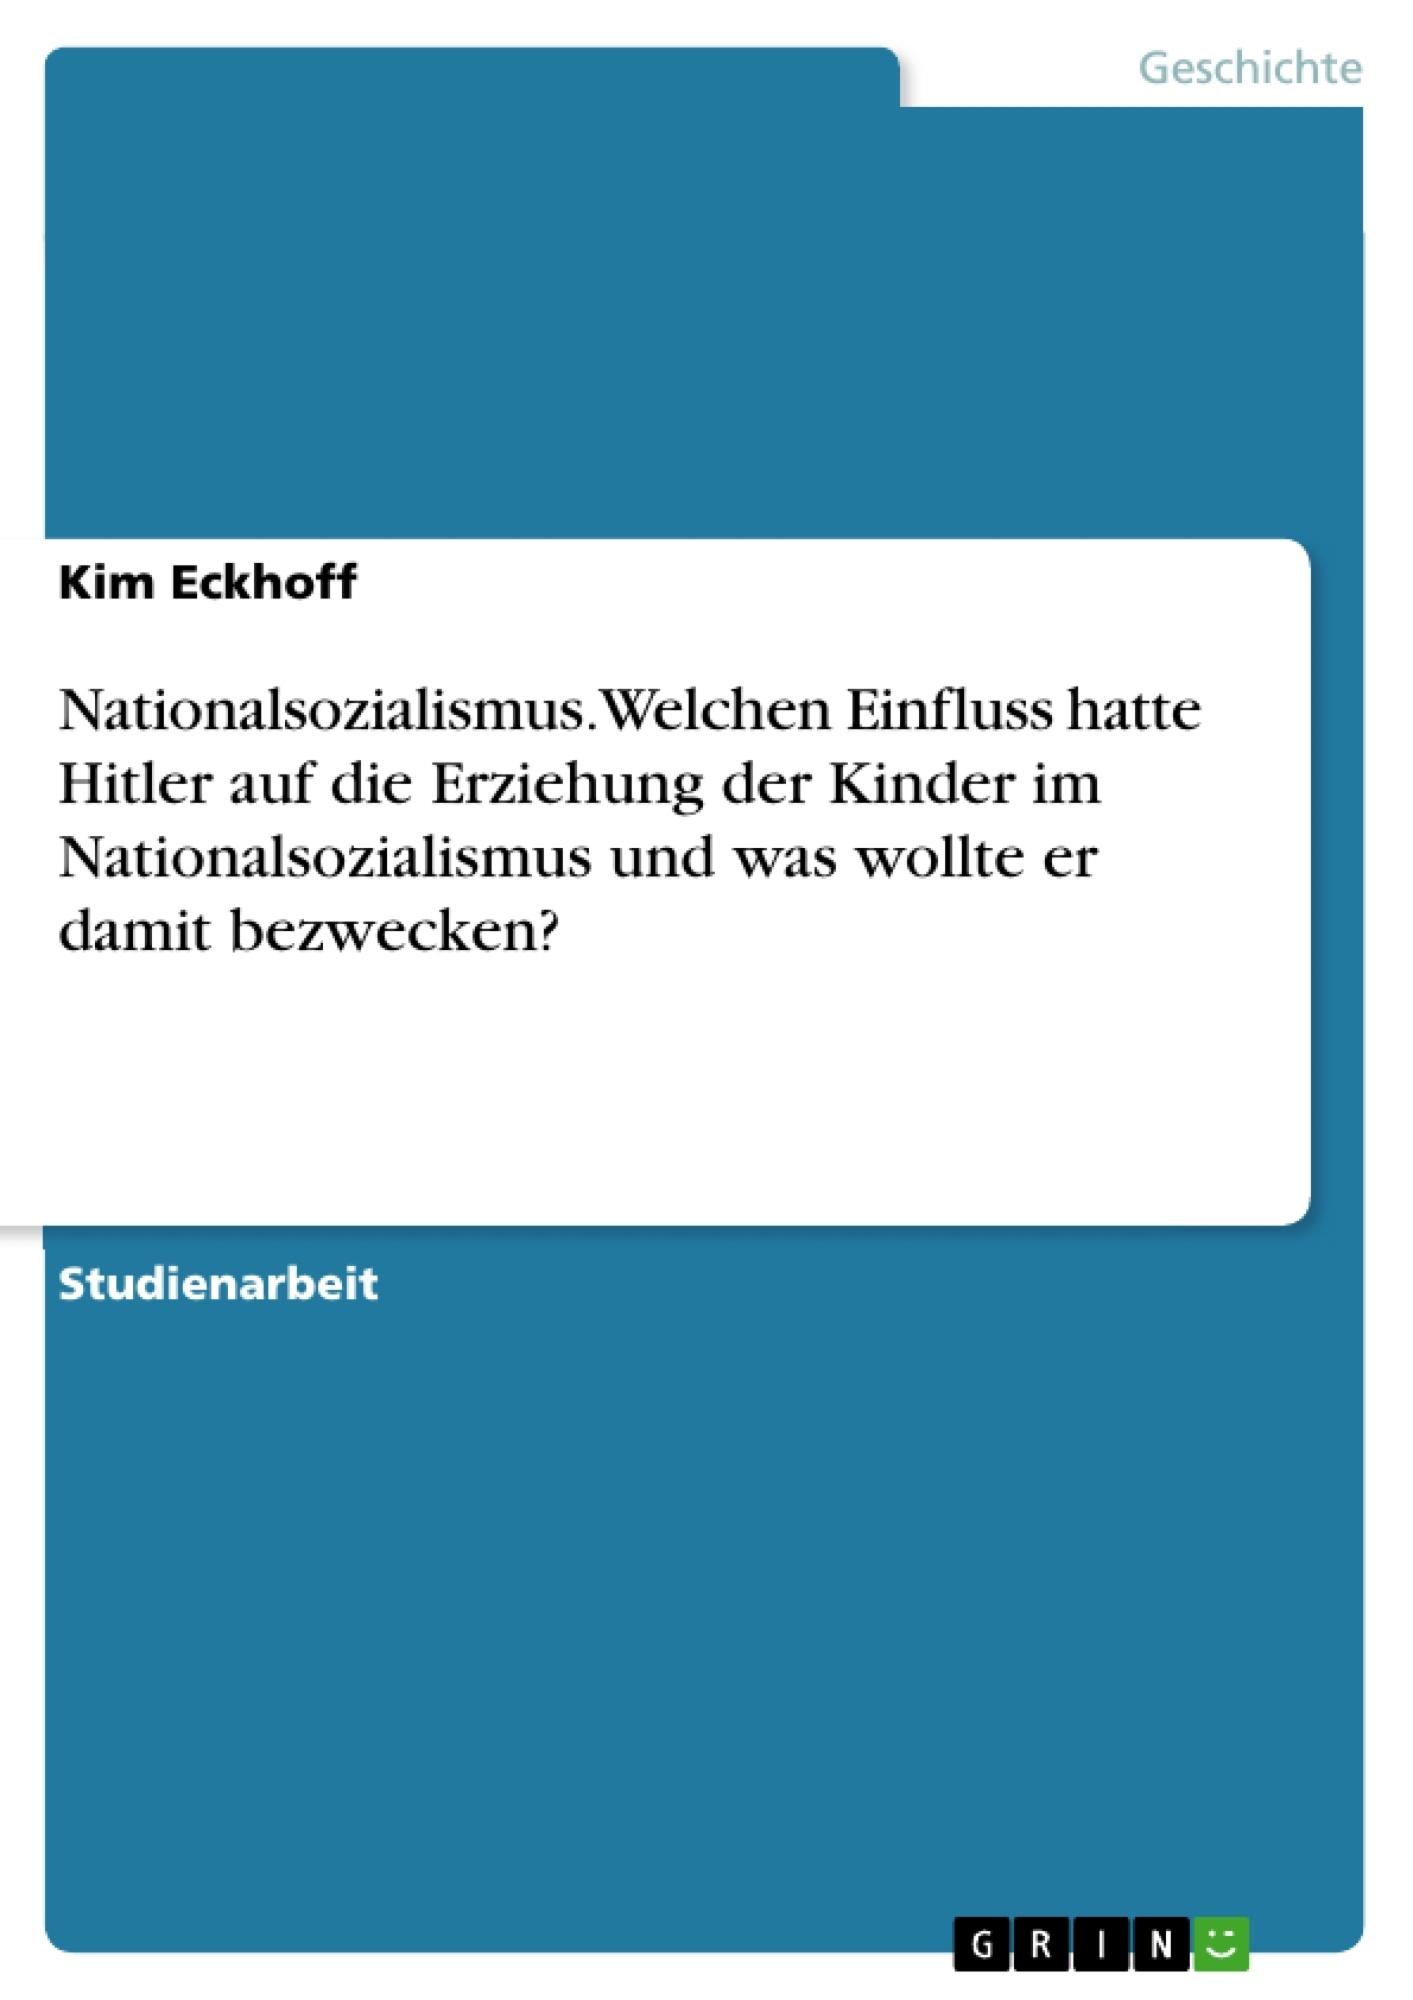 Titel: Nationalsozialismus. Welchen Einfluss hatte Hitler auf die Erziehung der Kinder im Nationalsozialismus und was wollte er damit bezwecken?